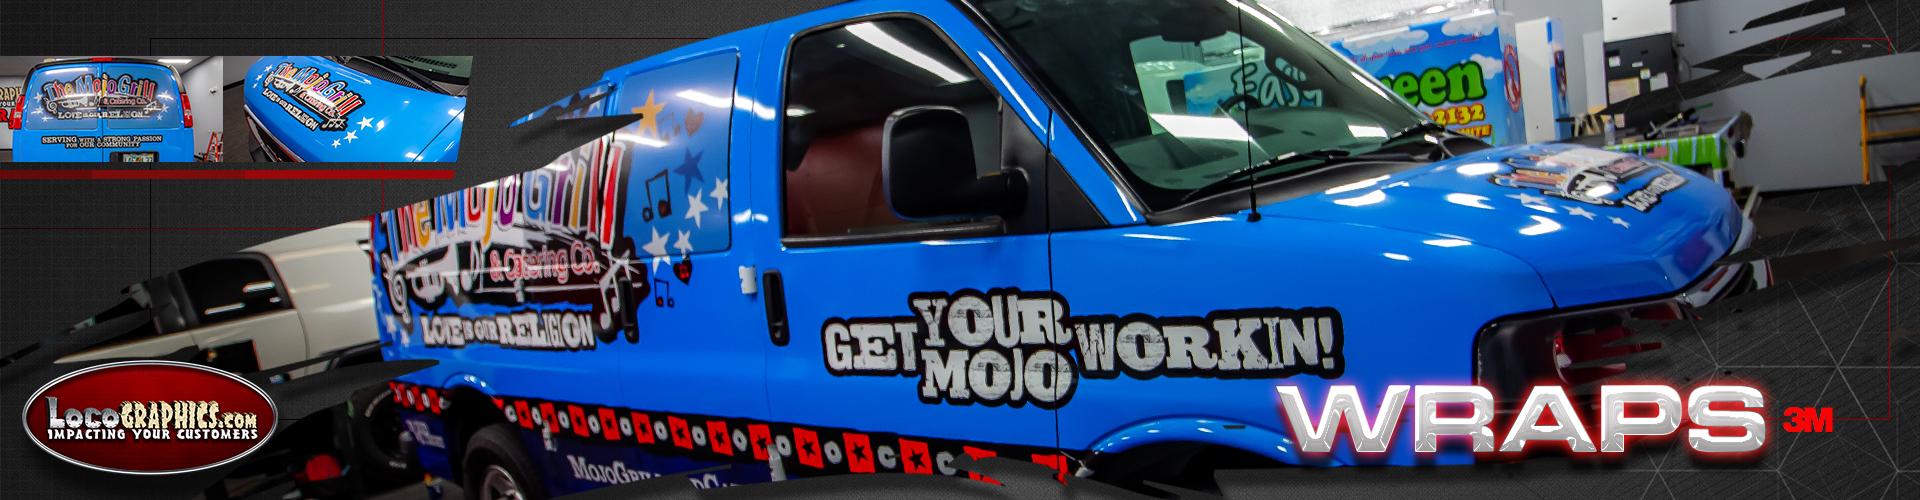 header-mojo-van